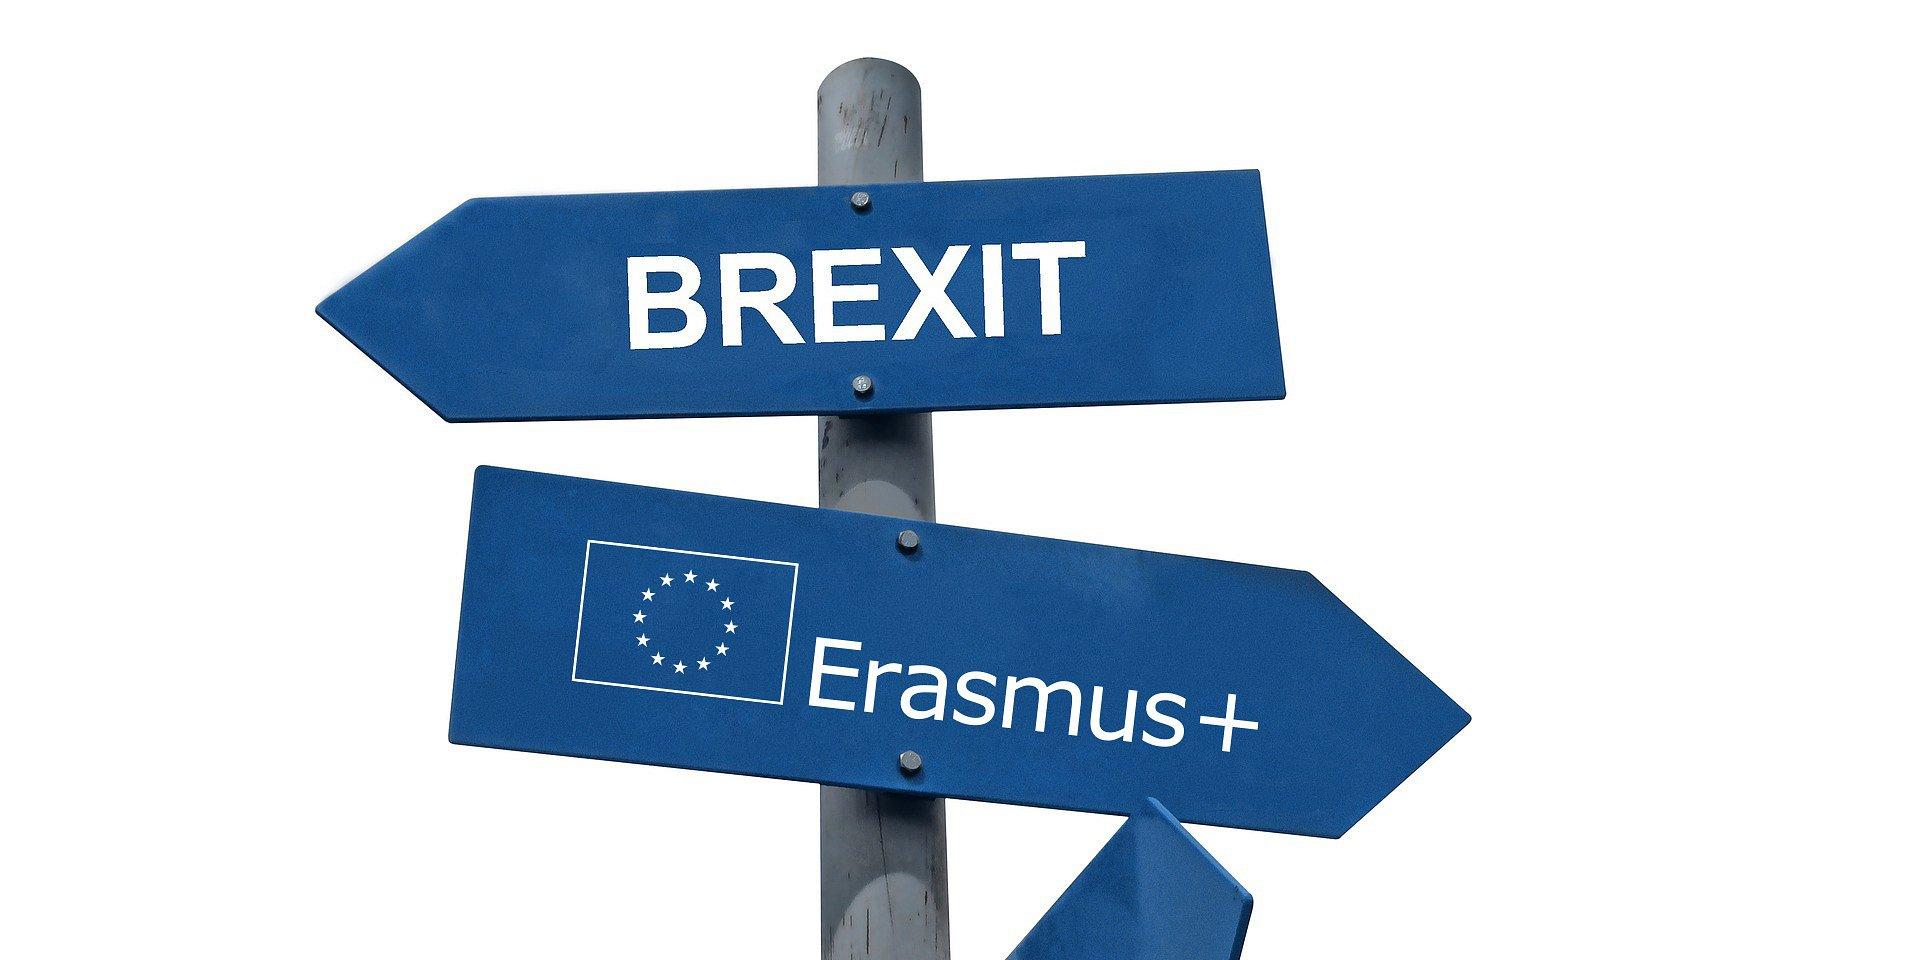 Komunikat Komisji Europejskiej do beneficjentów programu Erasmus+ współpracujących z Wielką Brytanią